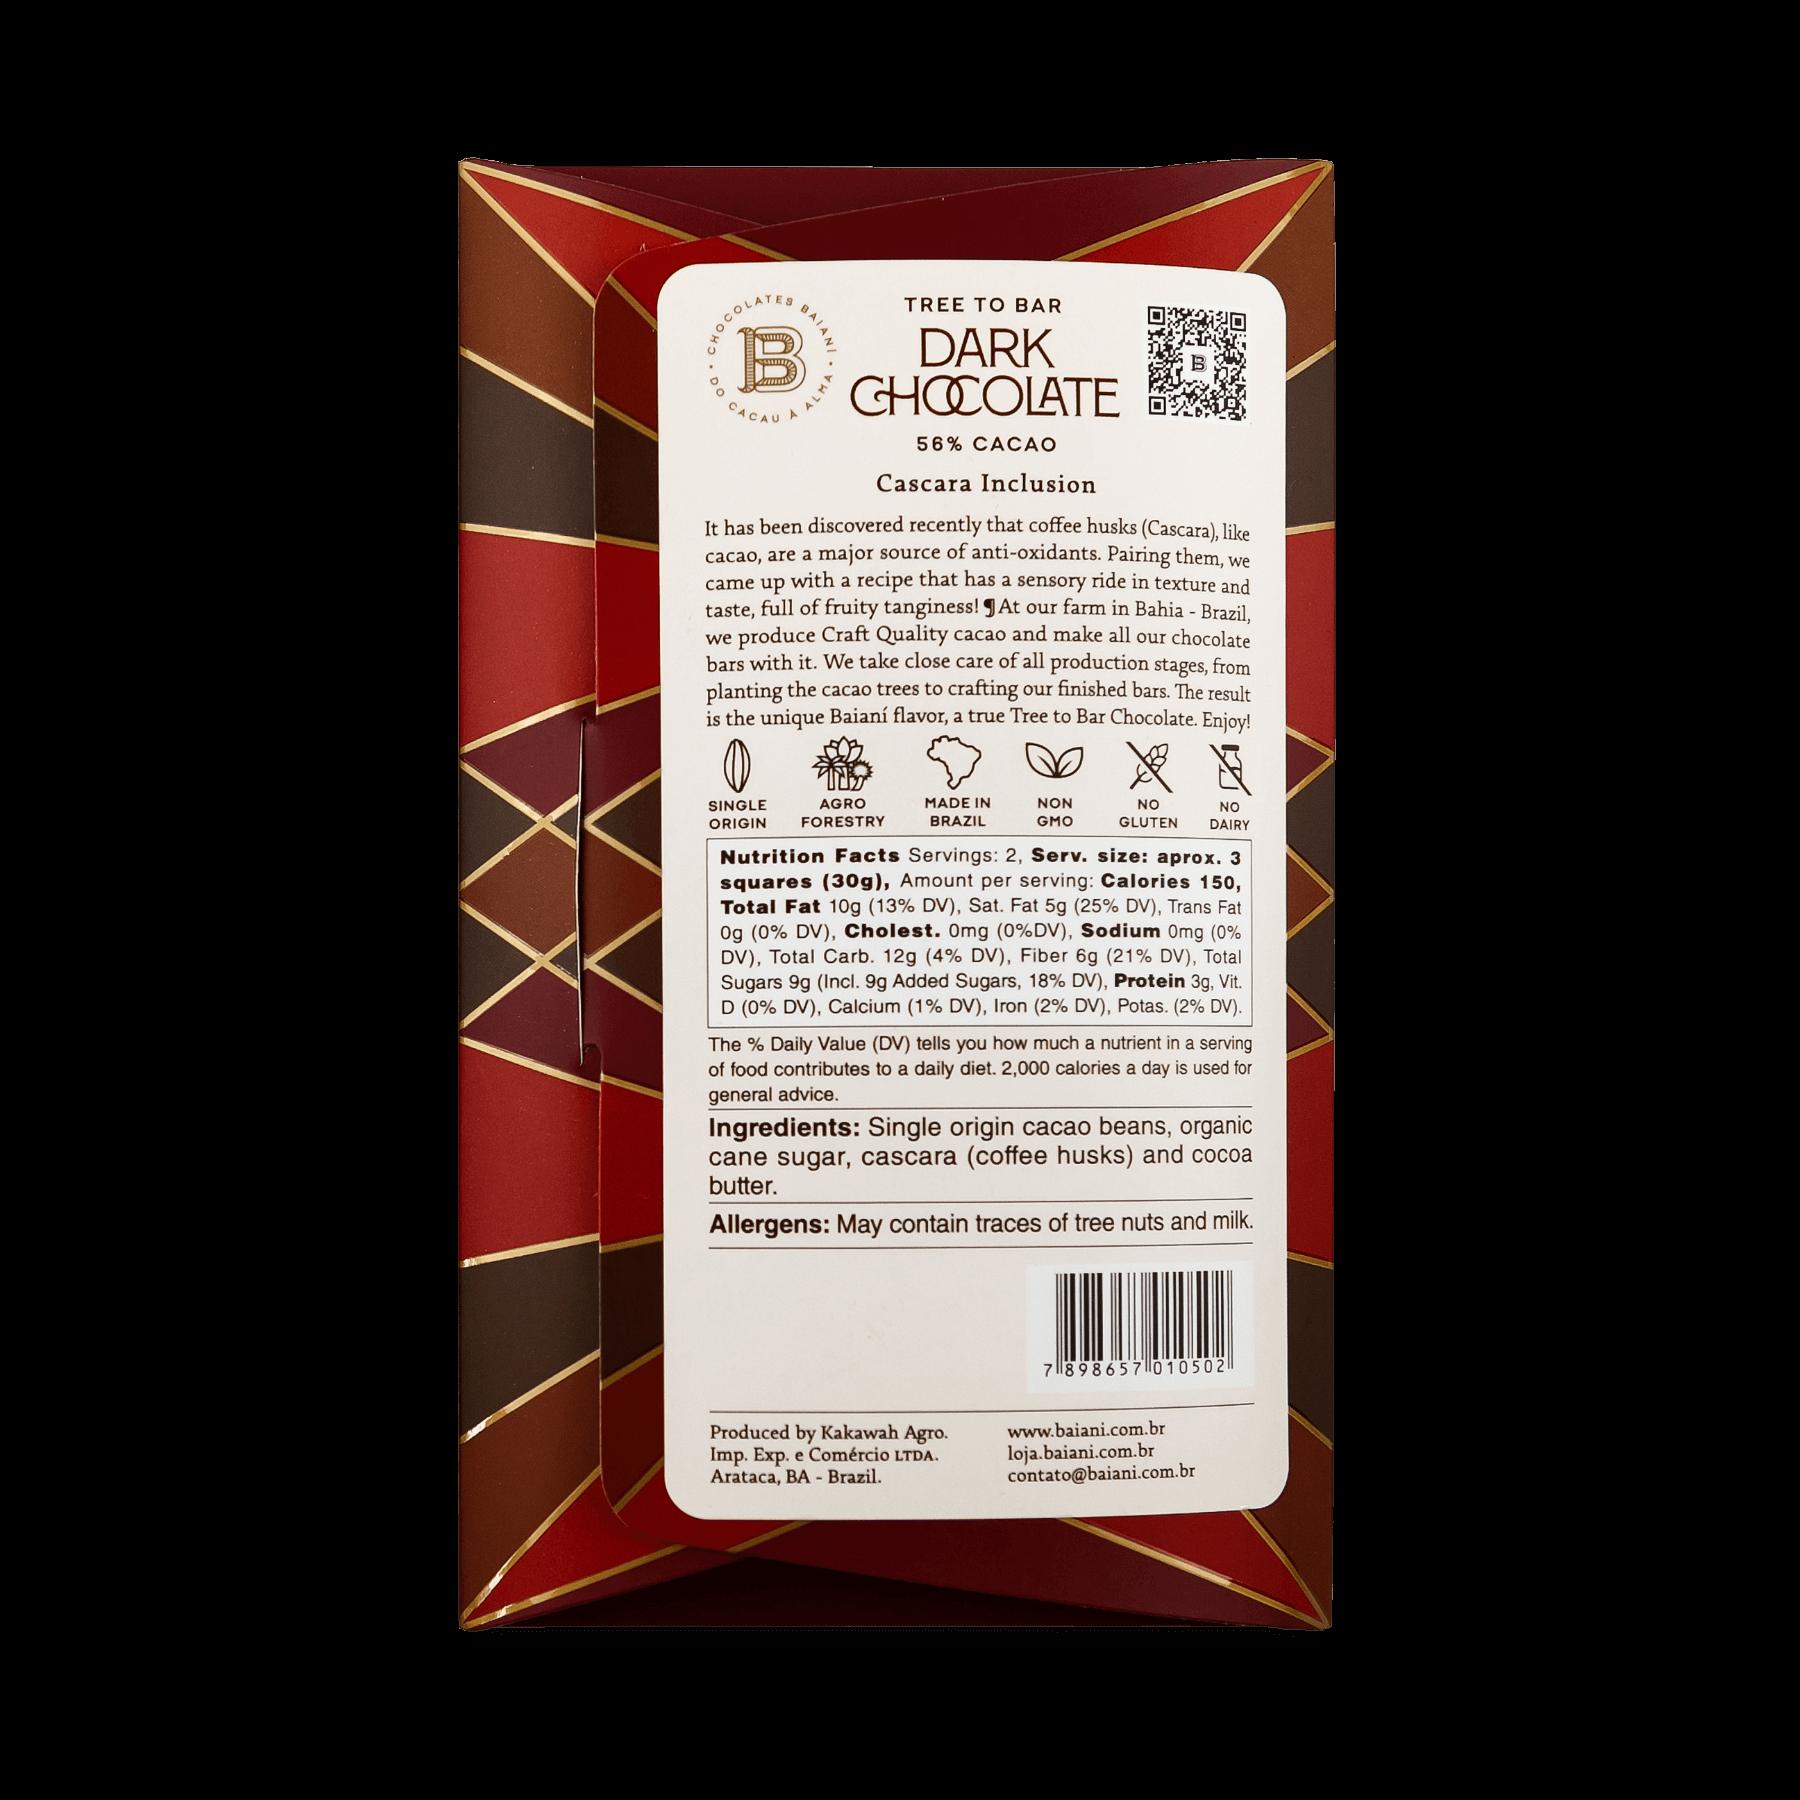 56% Cacao – Cascara (Coffee Husks)